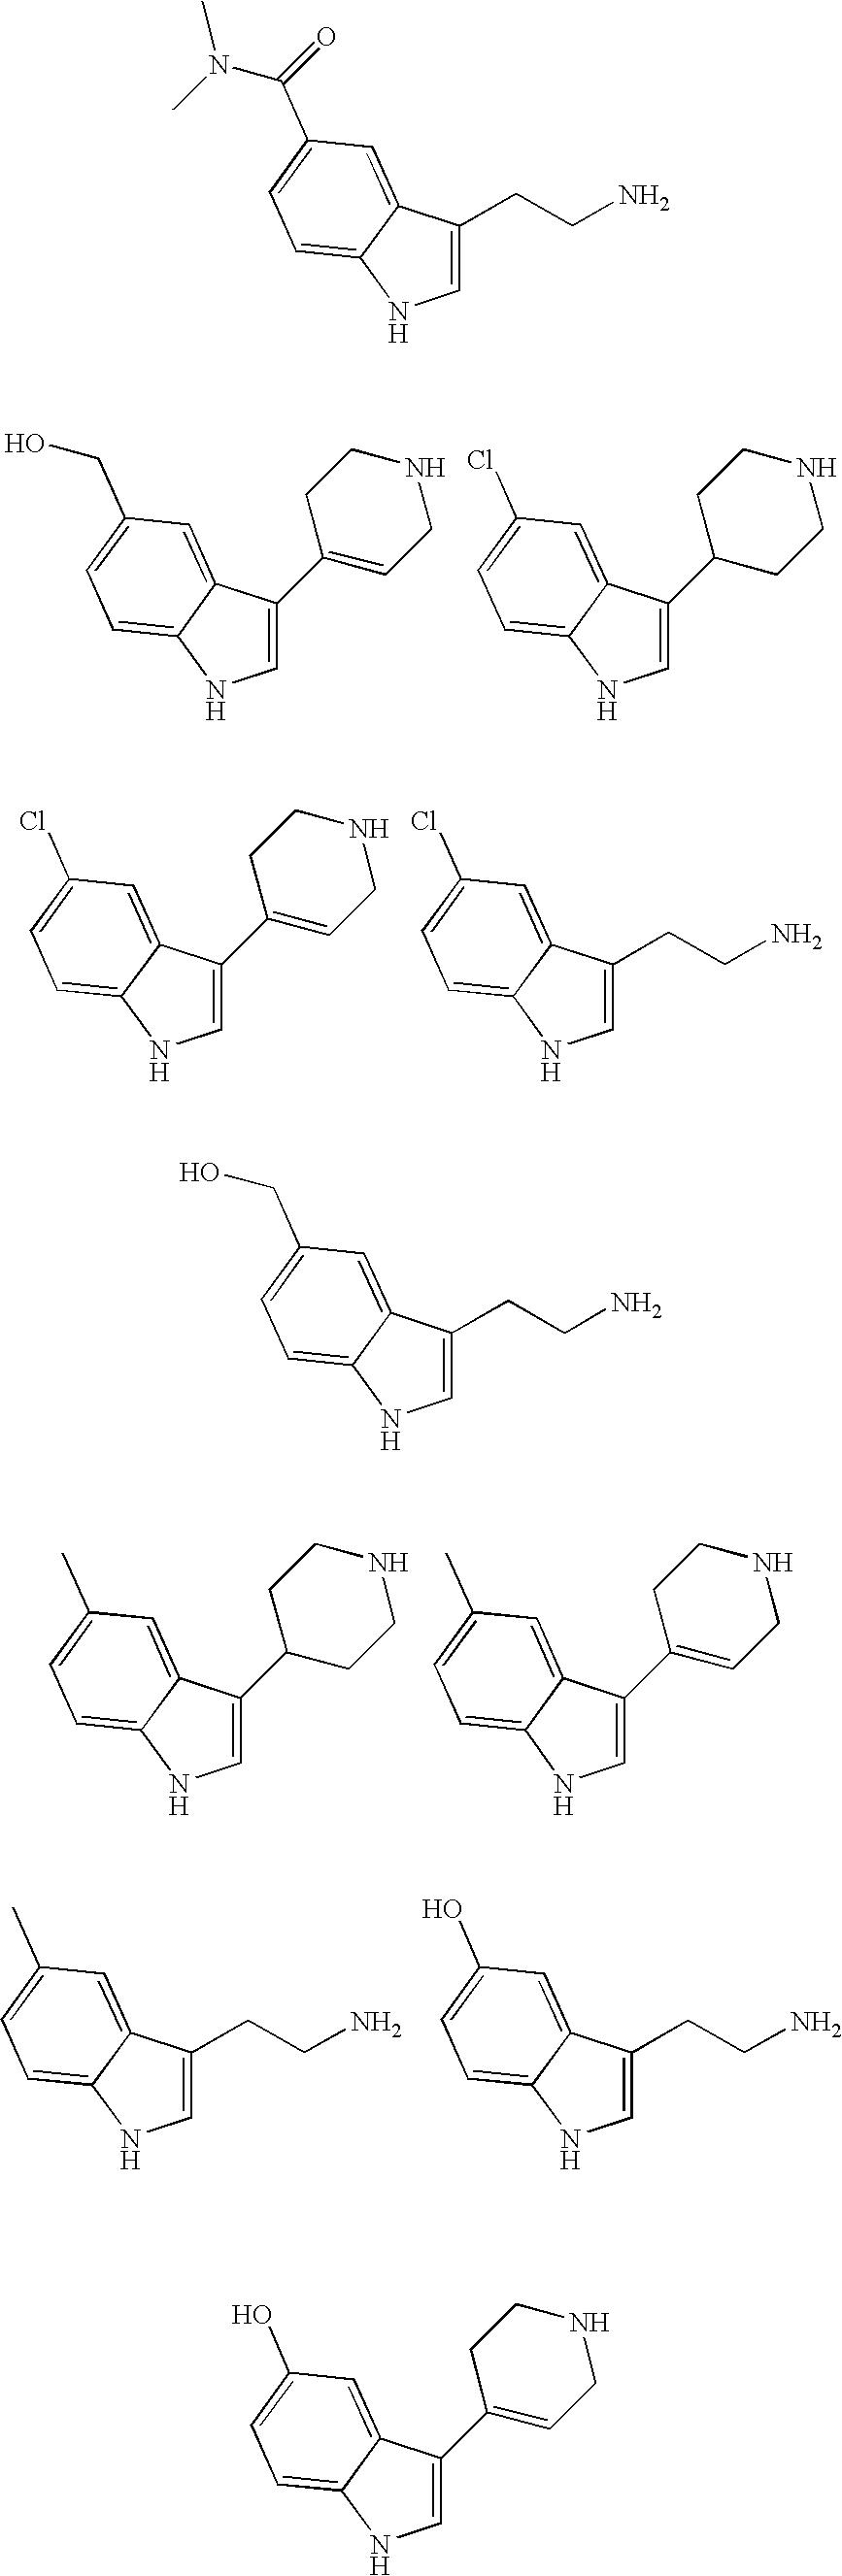 Figure US20100009983A1-20100114-C00222